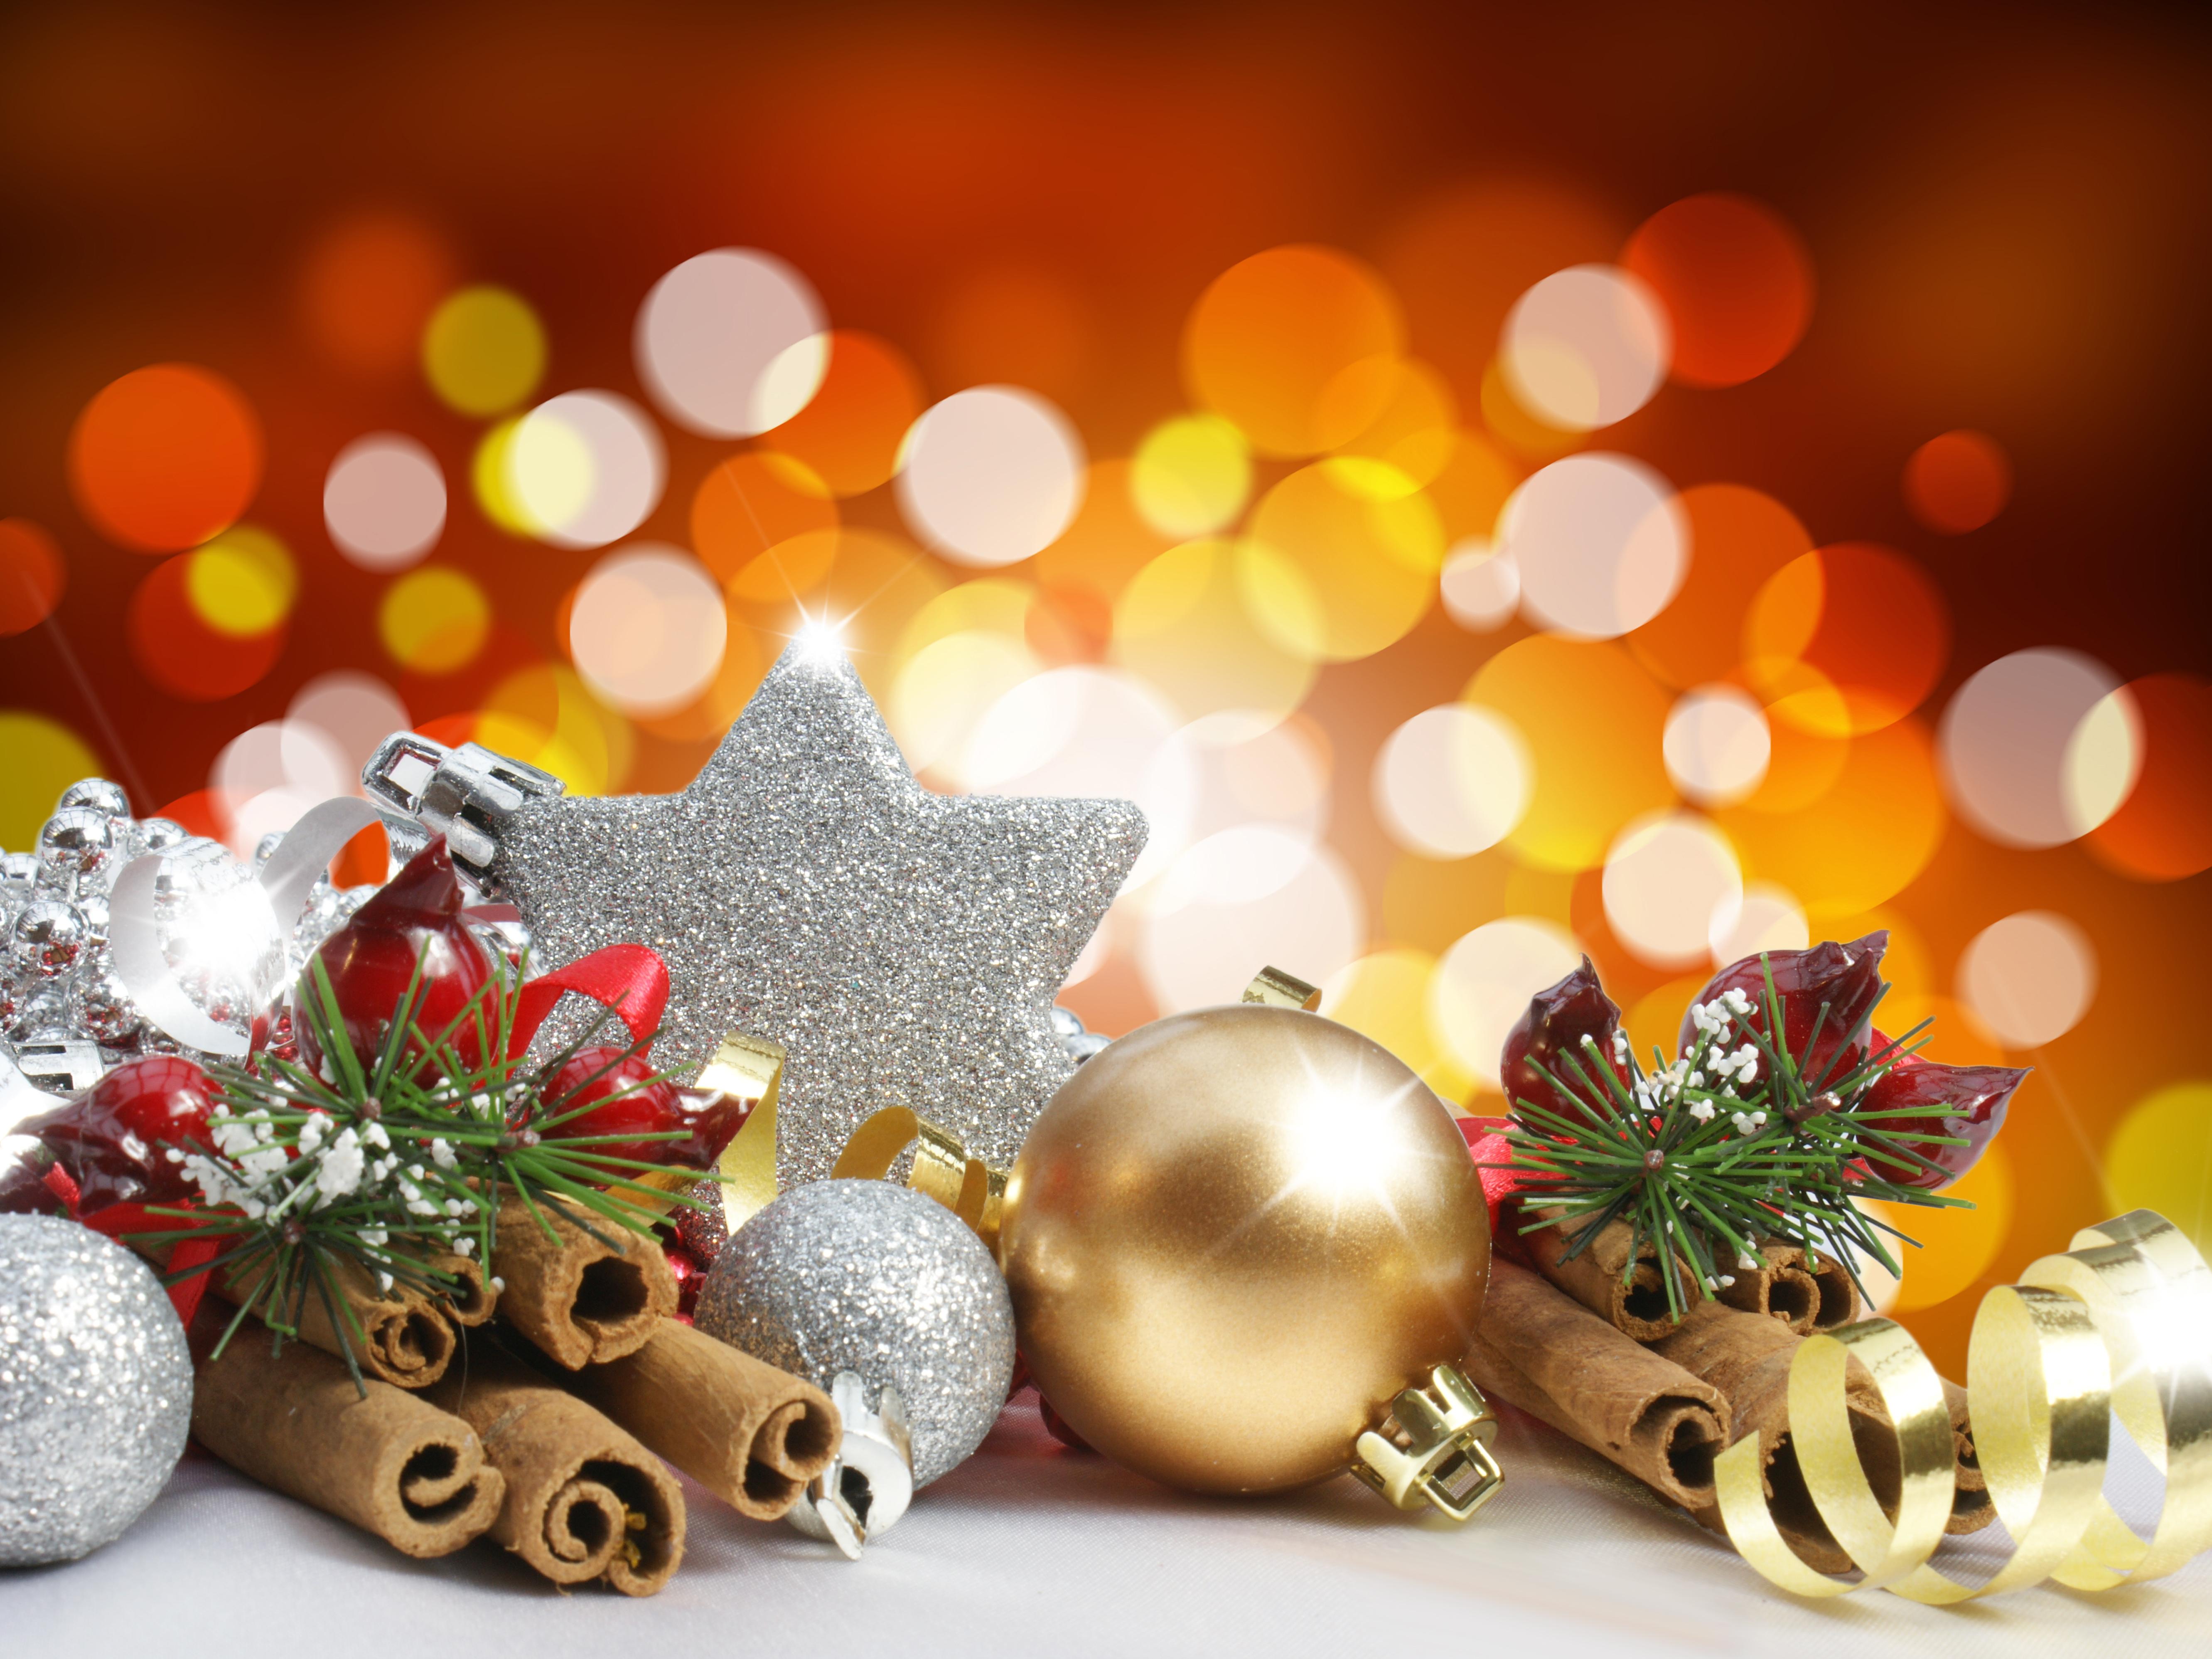 Картинки с новым годом с хорошим разрешением